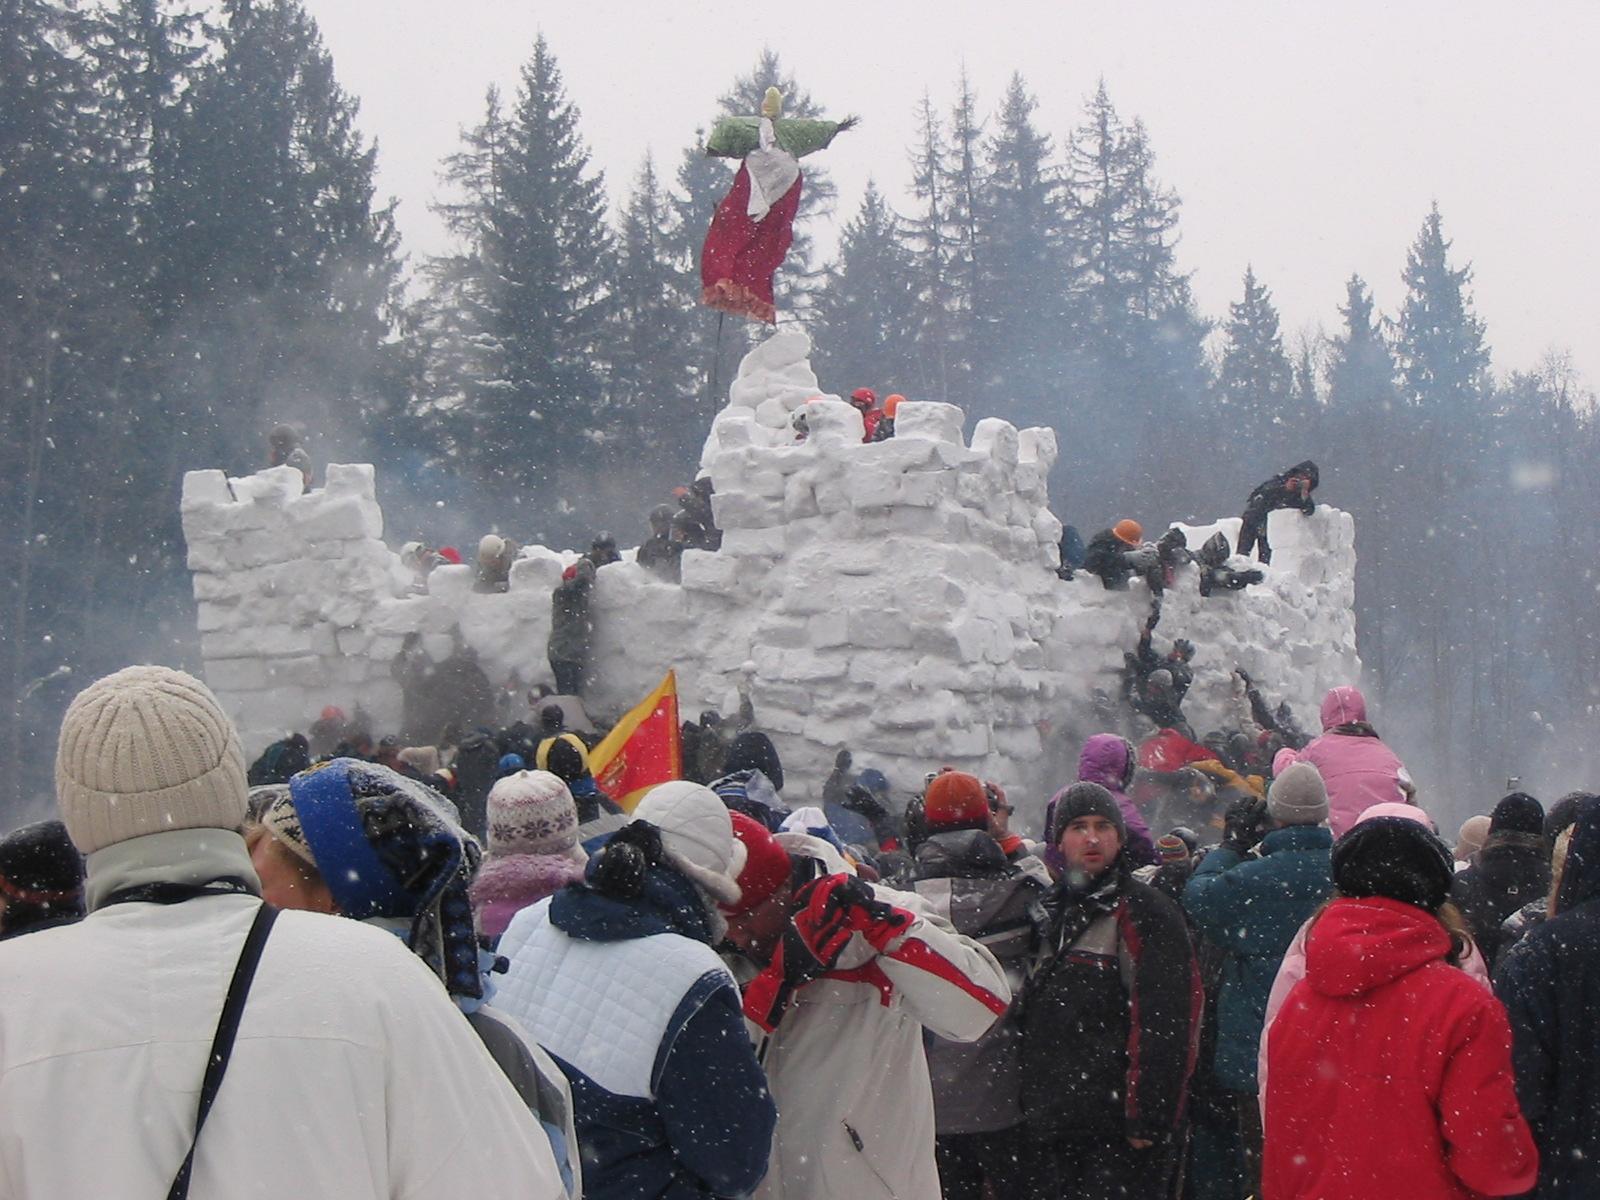 http://upload.wikimedia.org/wikipedia/ru/9/9f/Masl_krepost.jpg